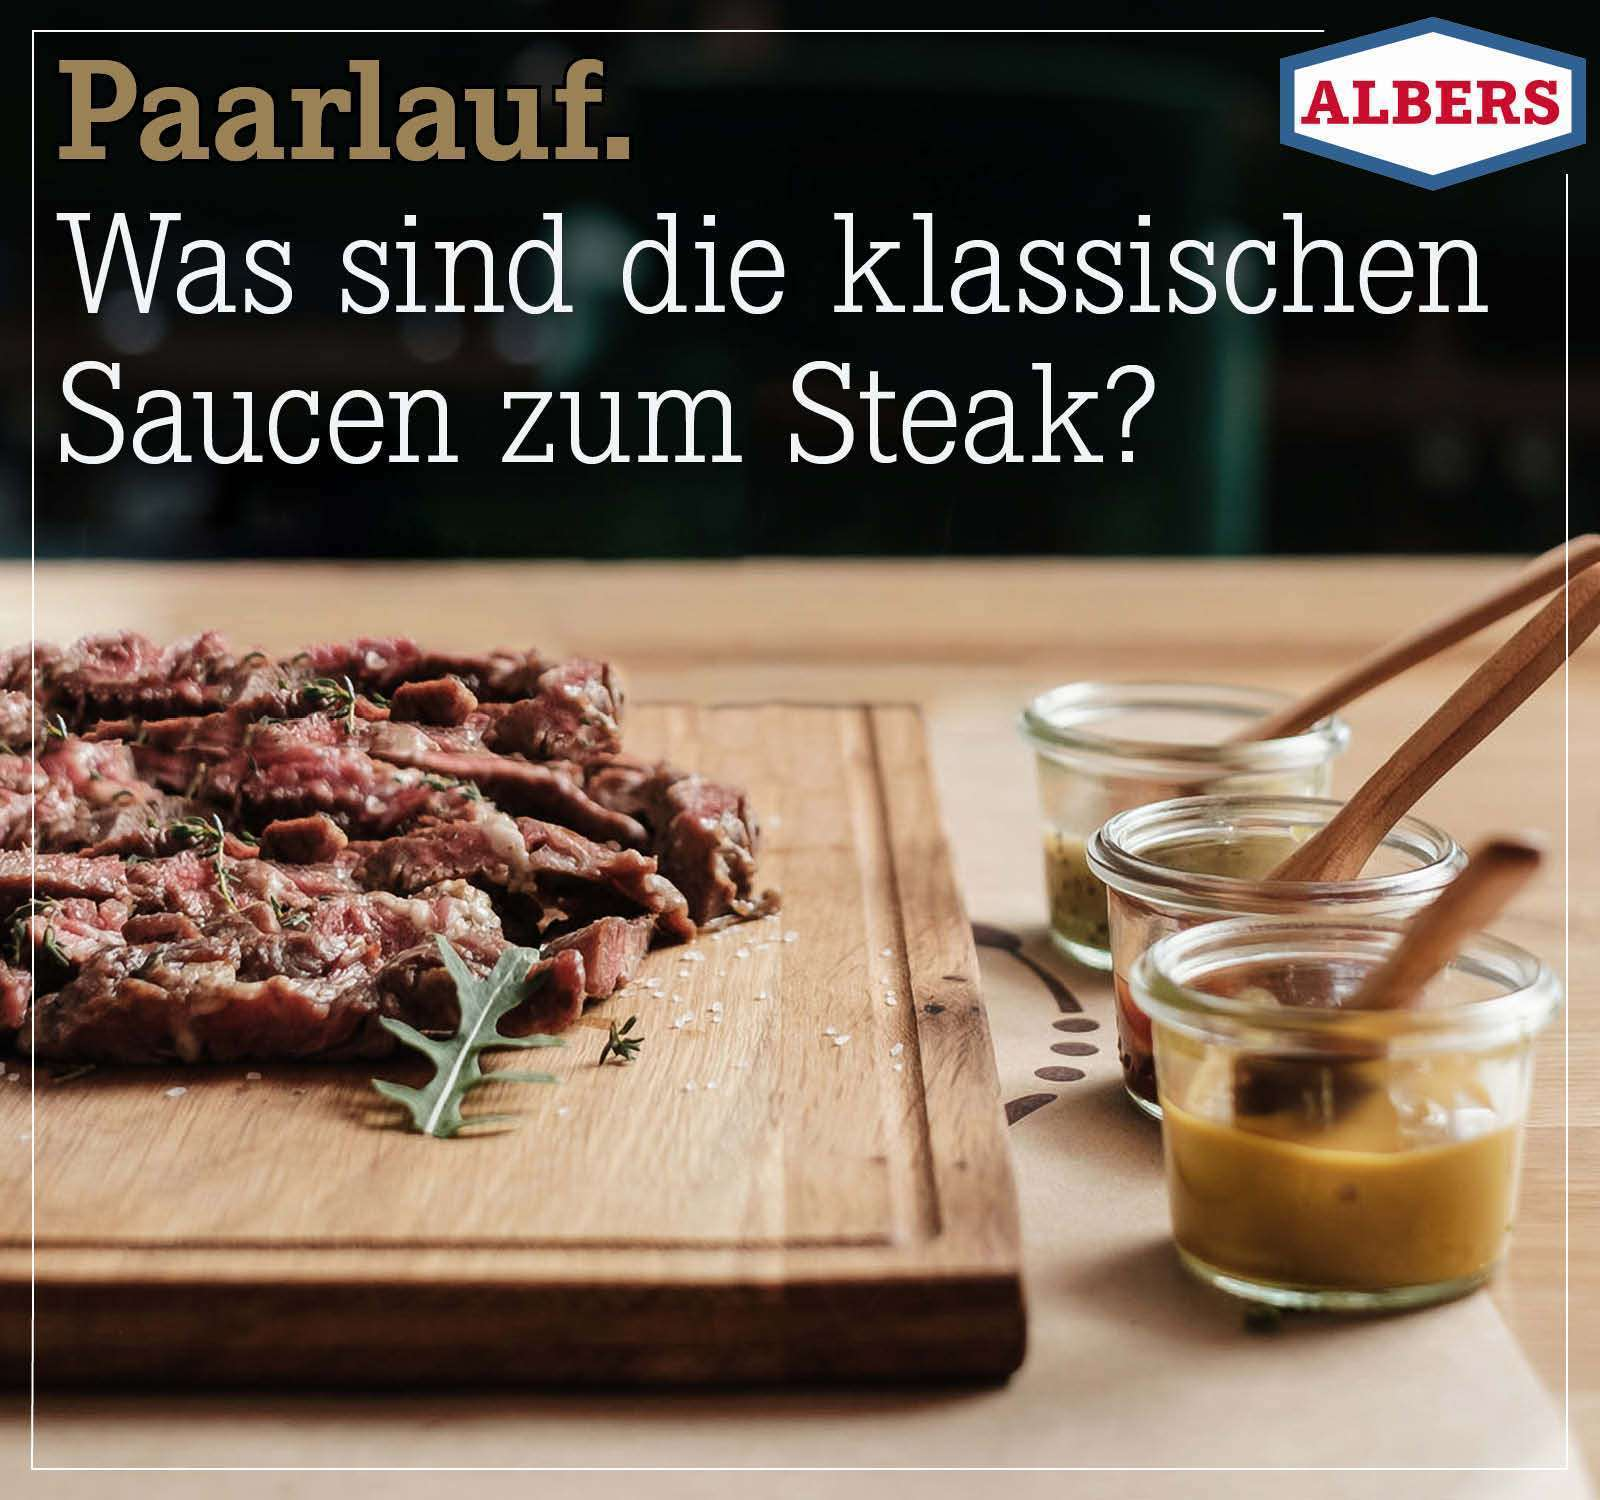 Paarlauf. Was sind die klassischen Saucen zum Steak?